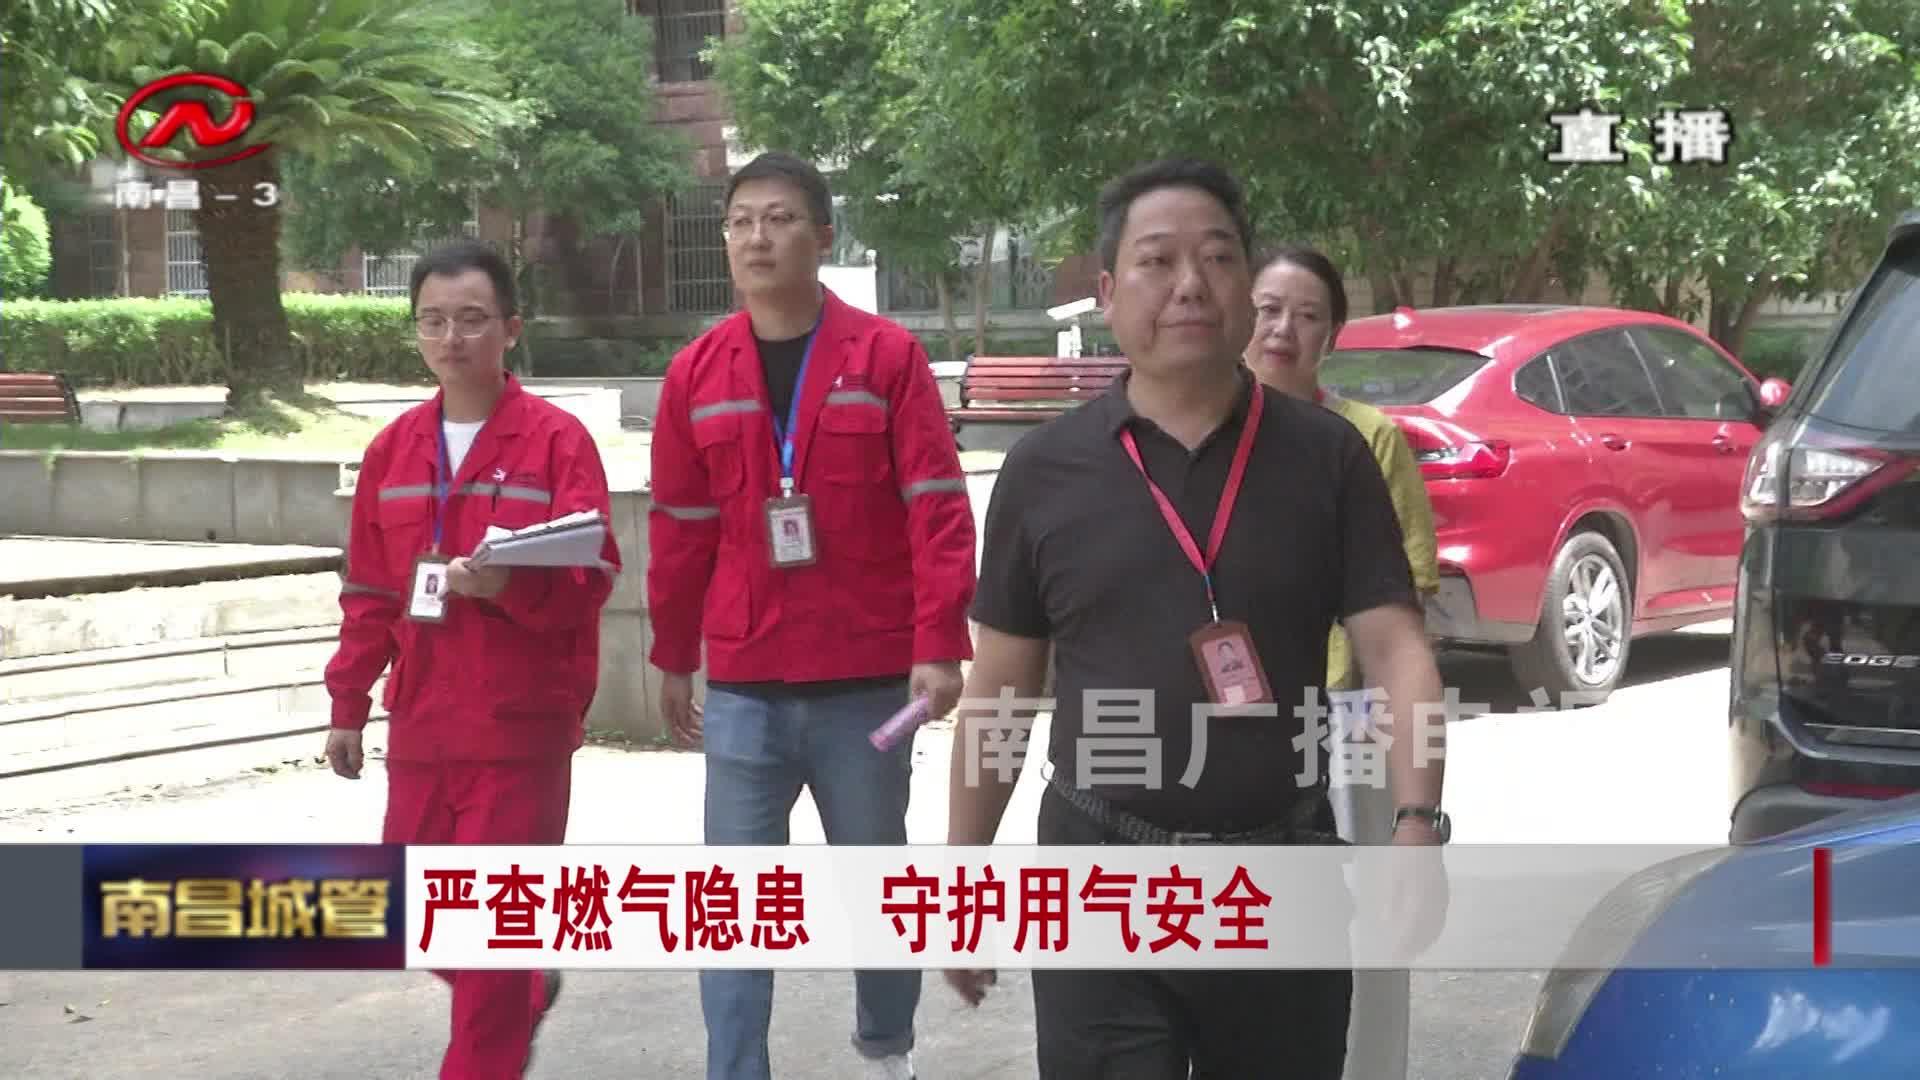 【城管新闻】严查燃气隐患  守护用气安全